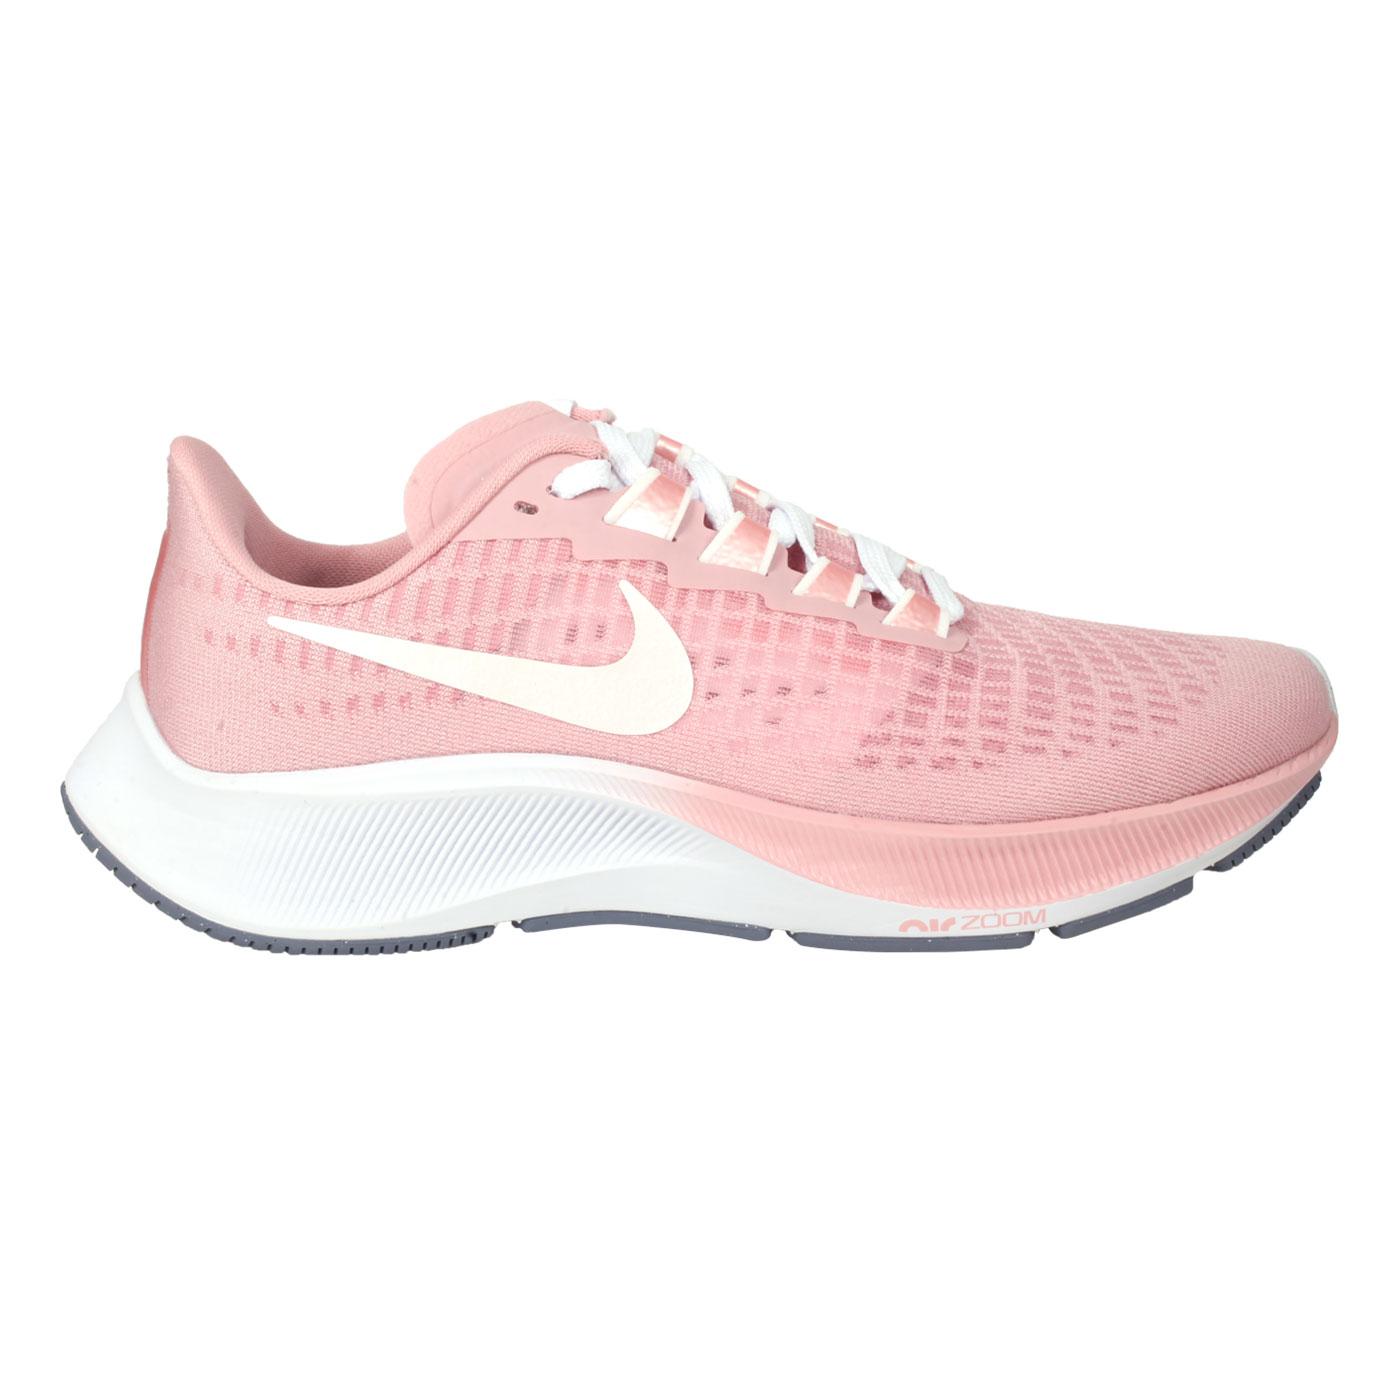 NIKE 女款慢跑鞋  @WMNS AIR ZOOM PEGASUS 37@DH0129600 - 粉紅白